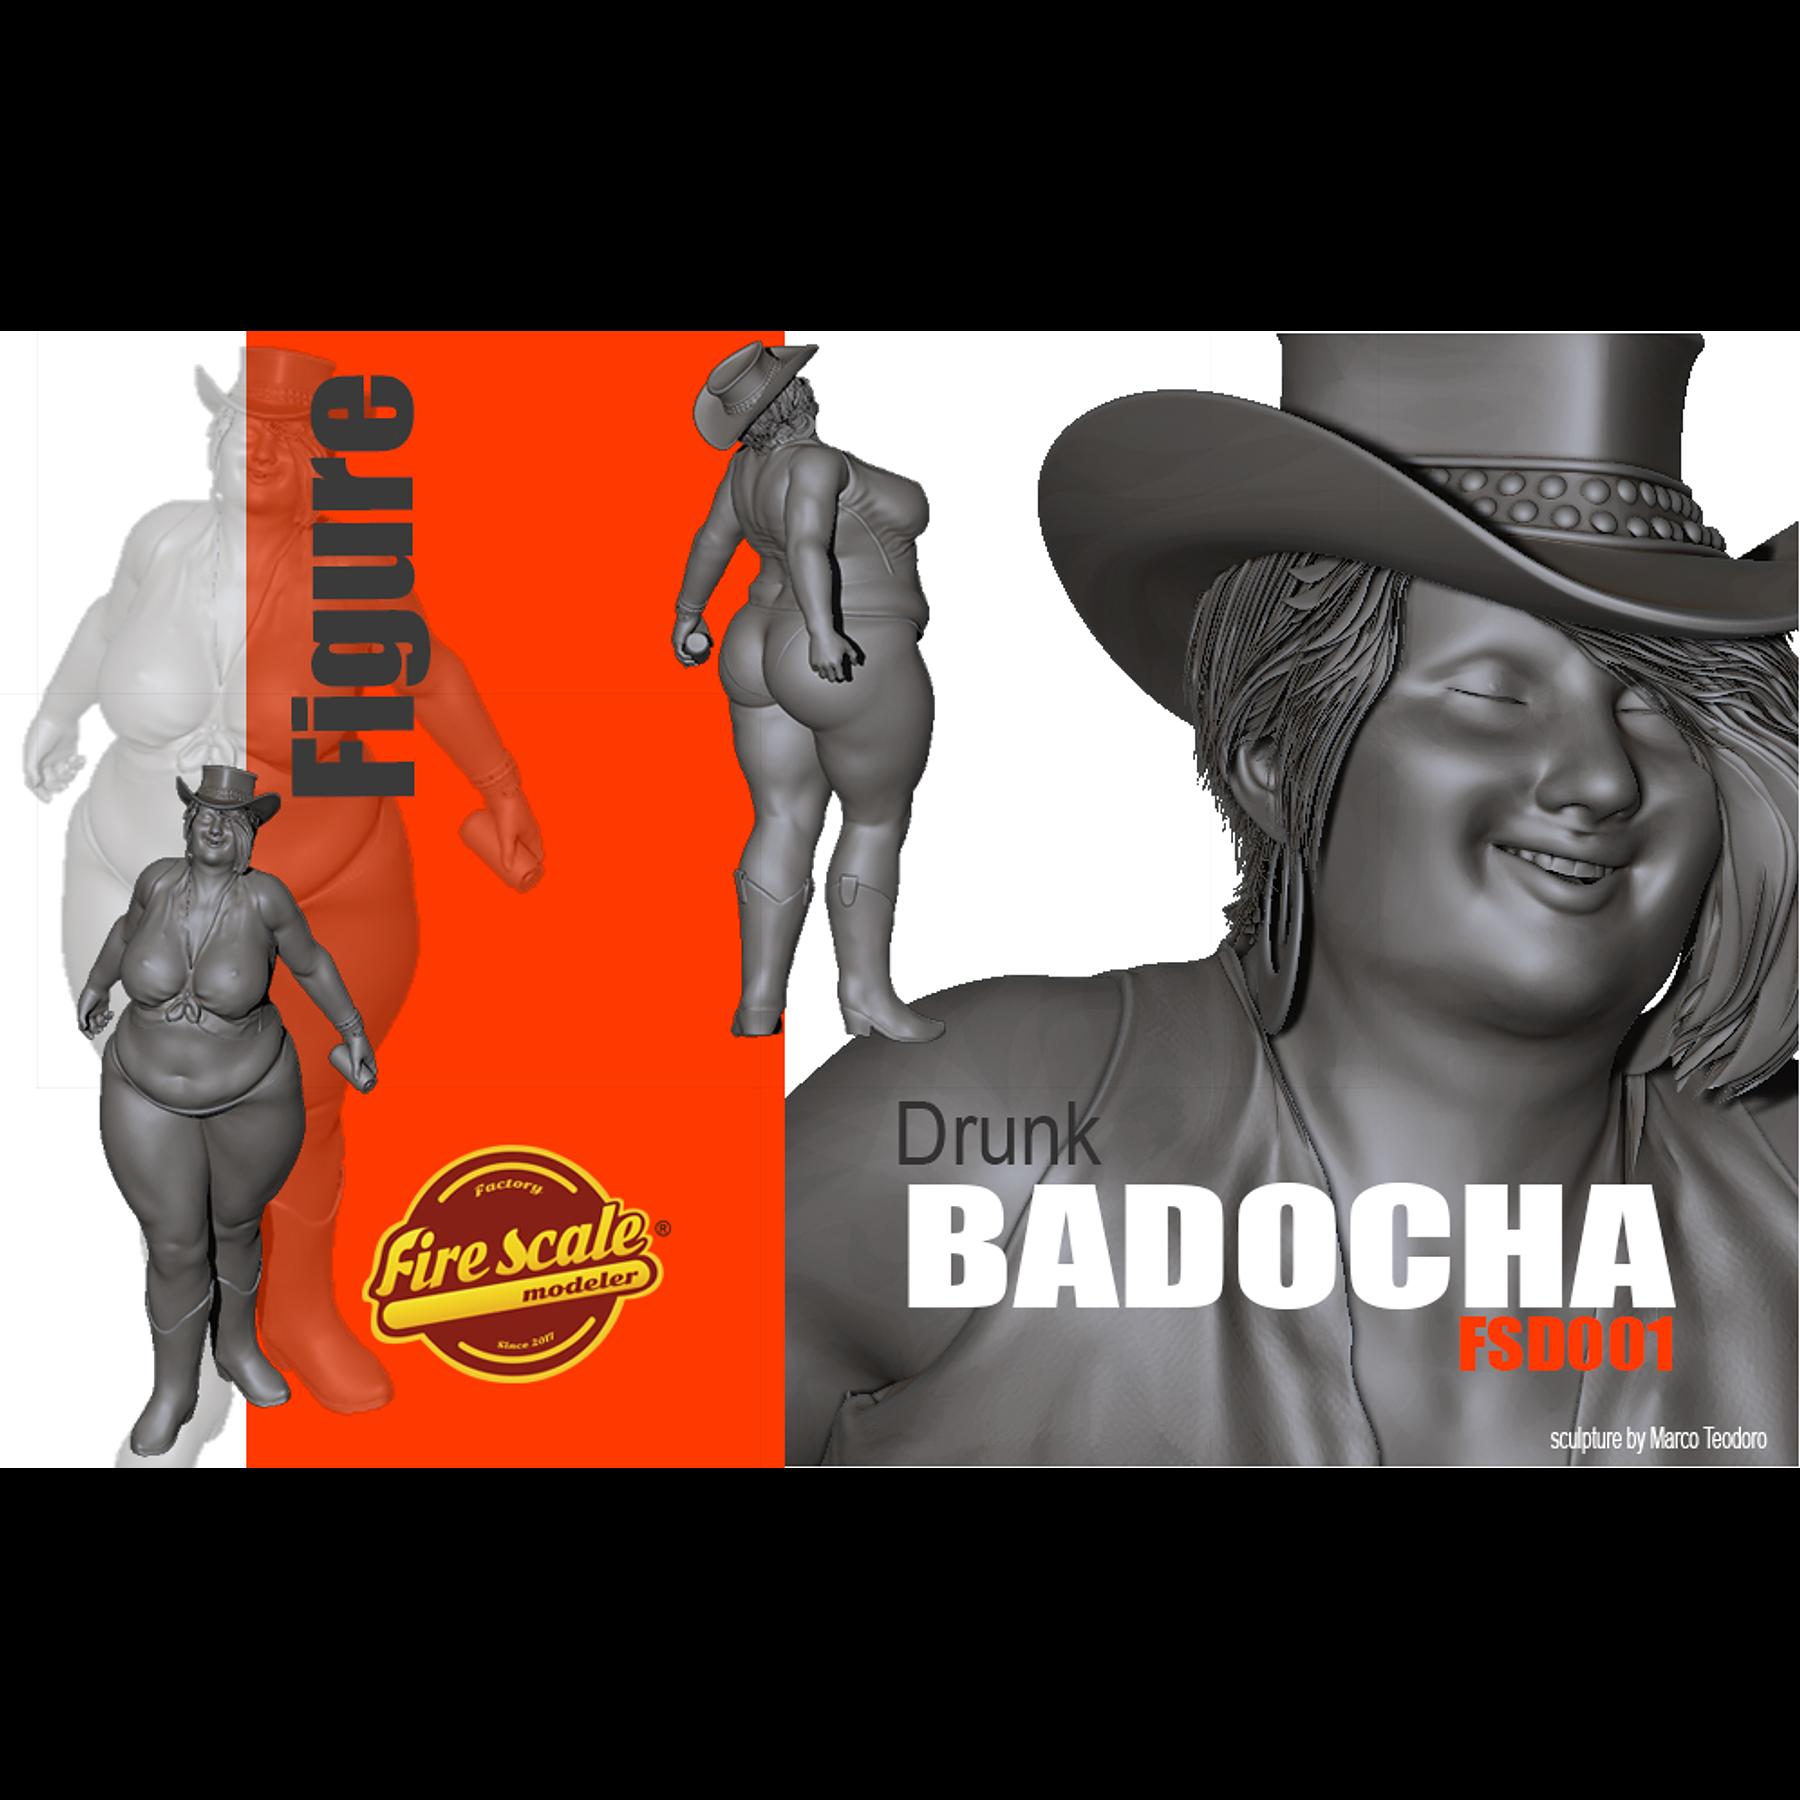 Badocha